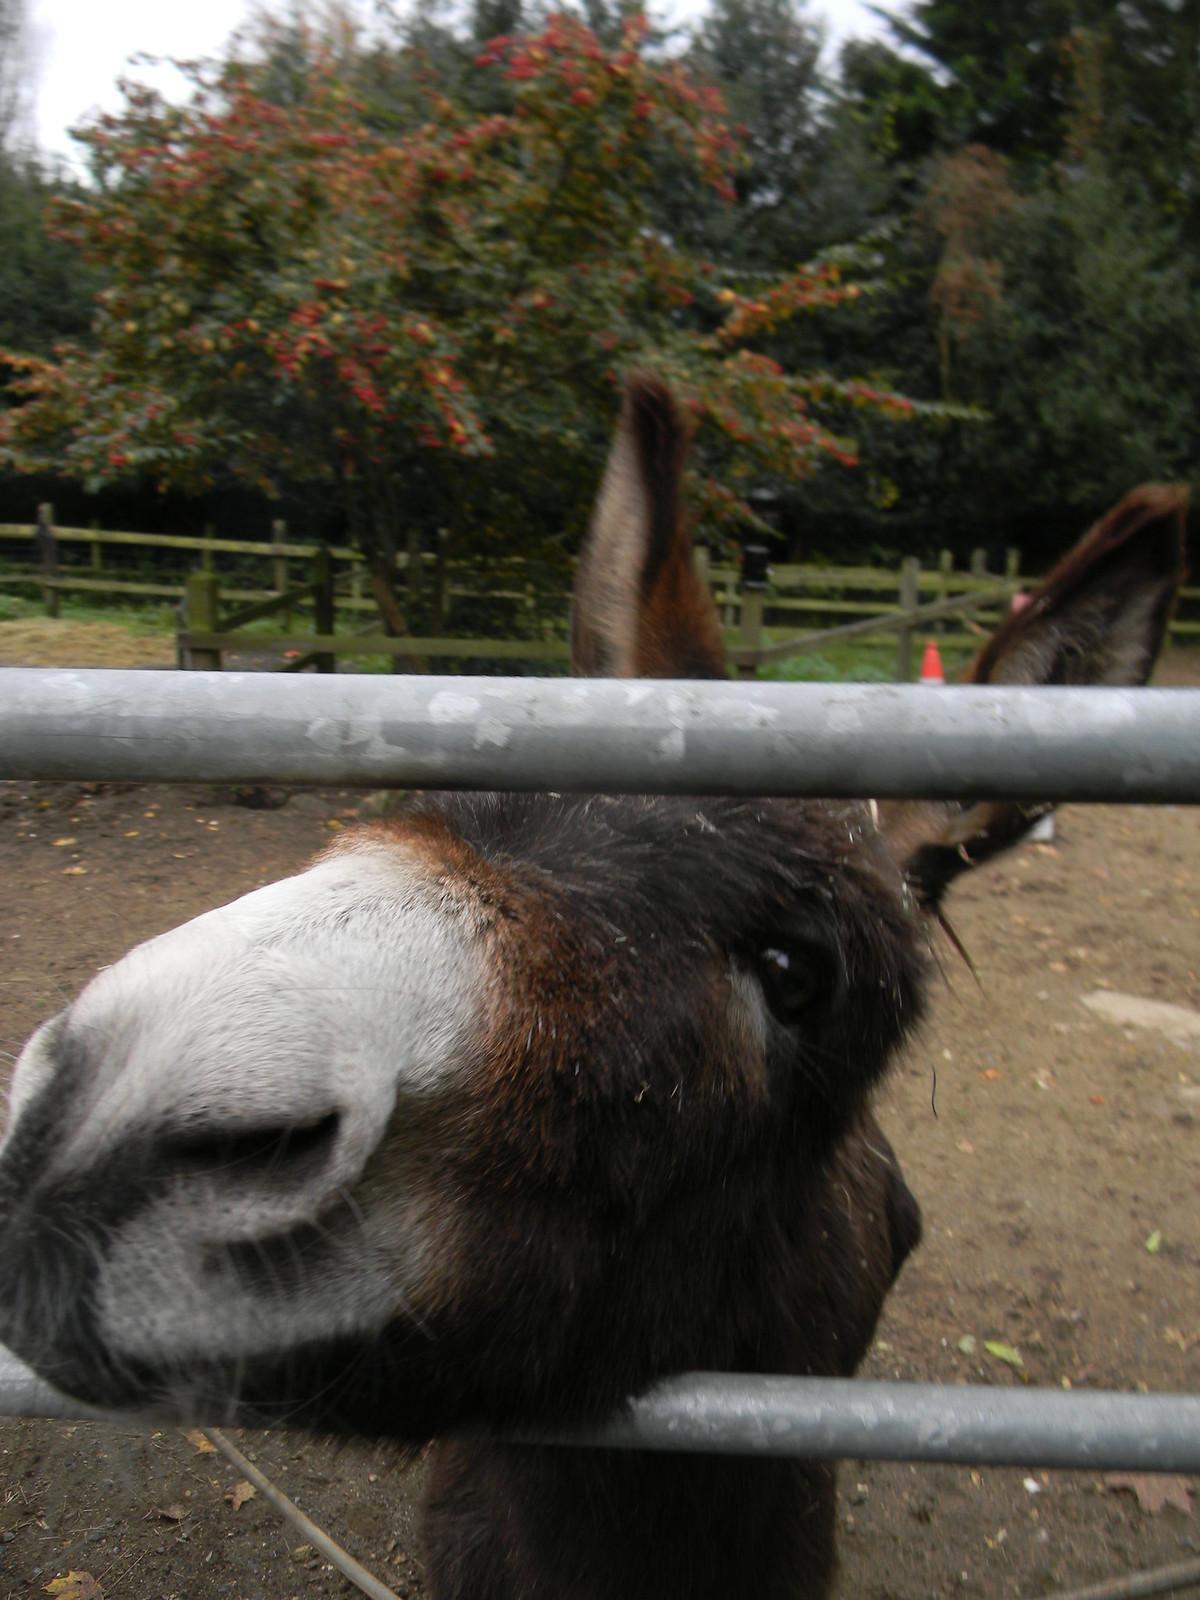 Donkey B at The Donkey (pub) Farnham to Godalming - Wednesday Walk